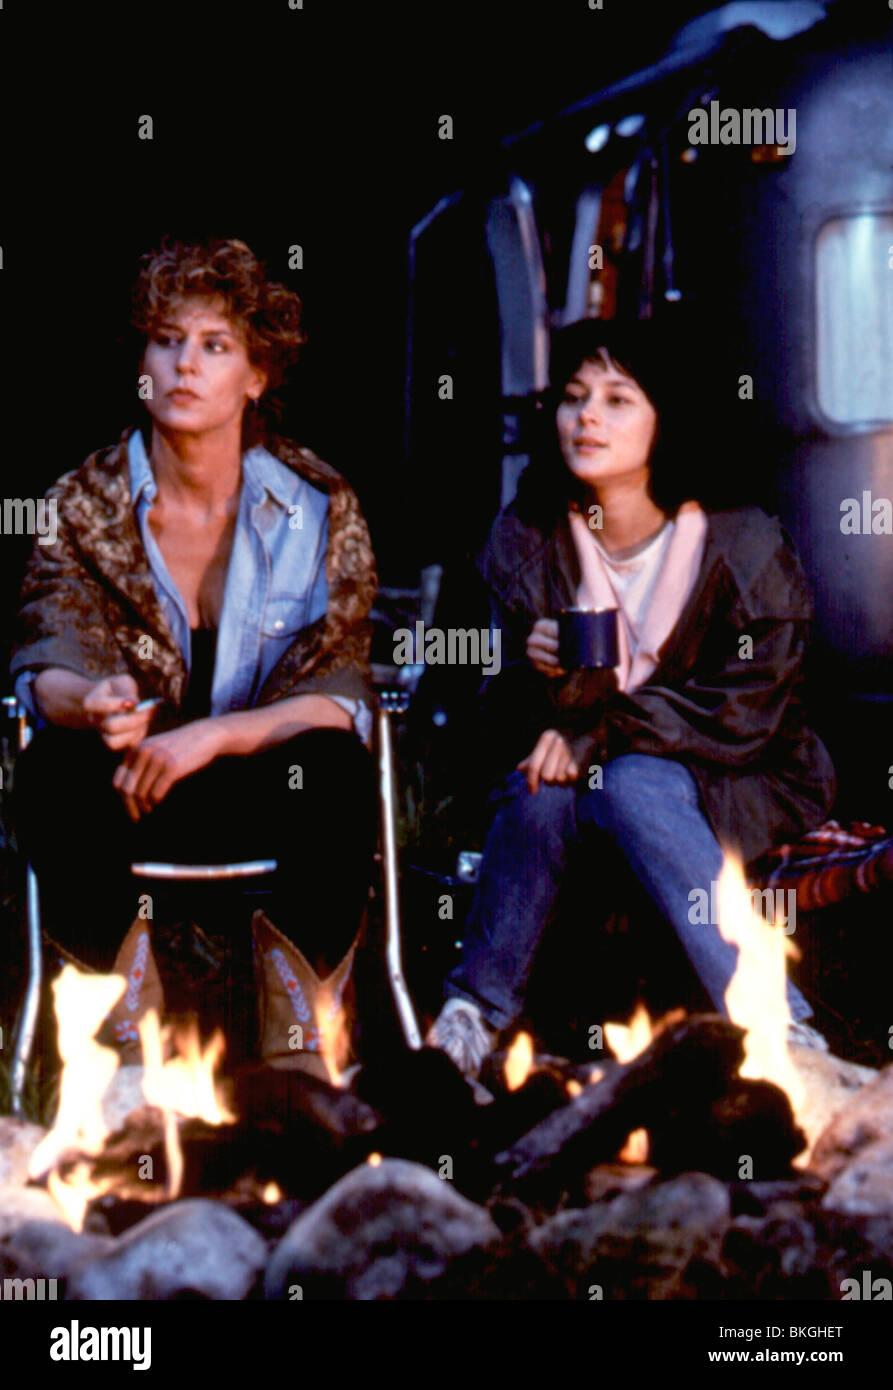 LEAVING NORMAL (1992) CHRISTINE LAHTI, MEG TILLY LNO 005 - Stock Image